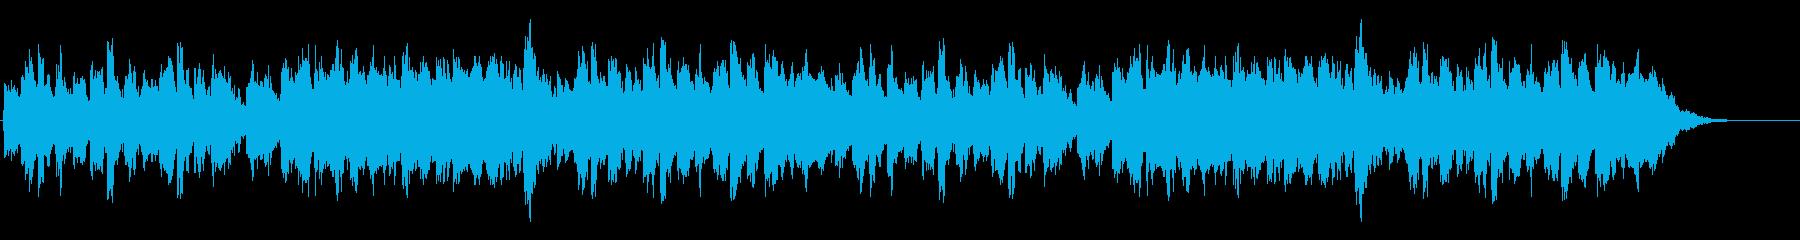 スマイルの再生済みの波形